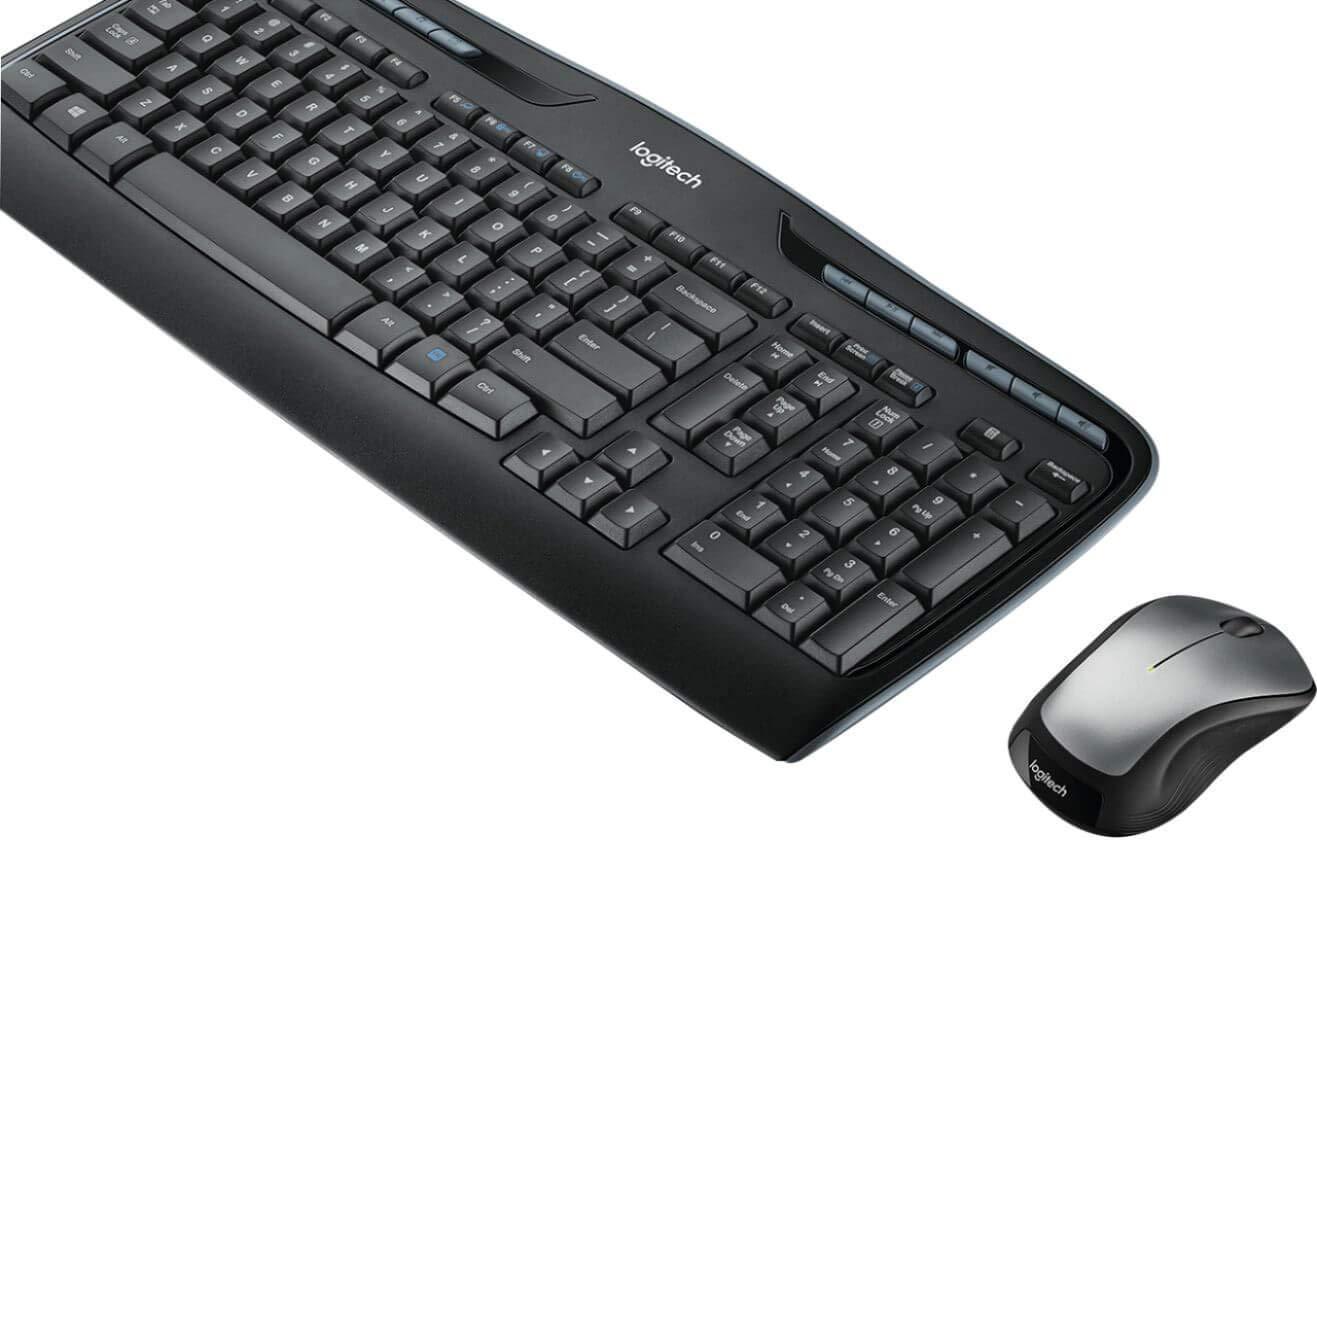 9dc475acea3 Amazon.com: Logitech MK335: Computers & Accessories